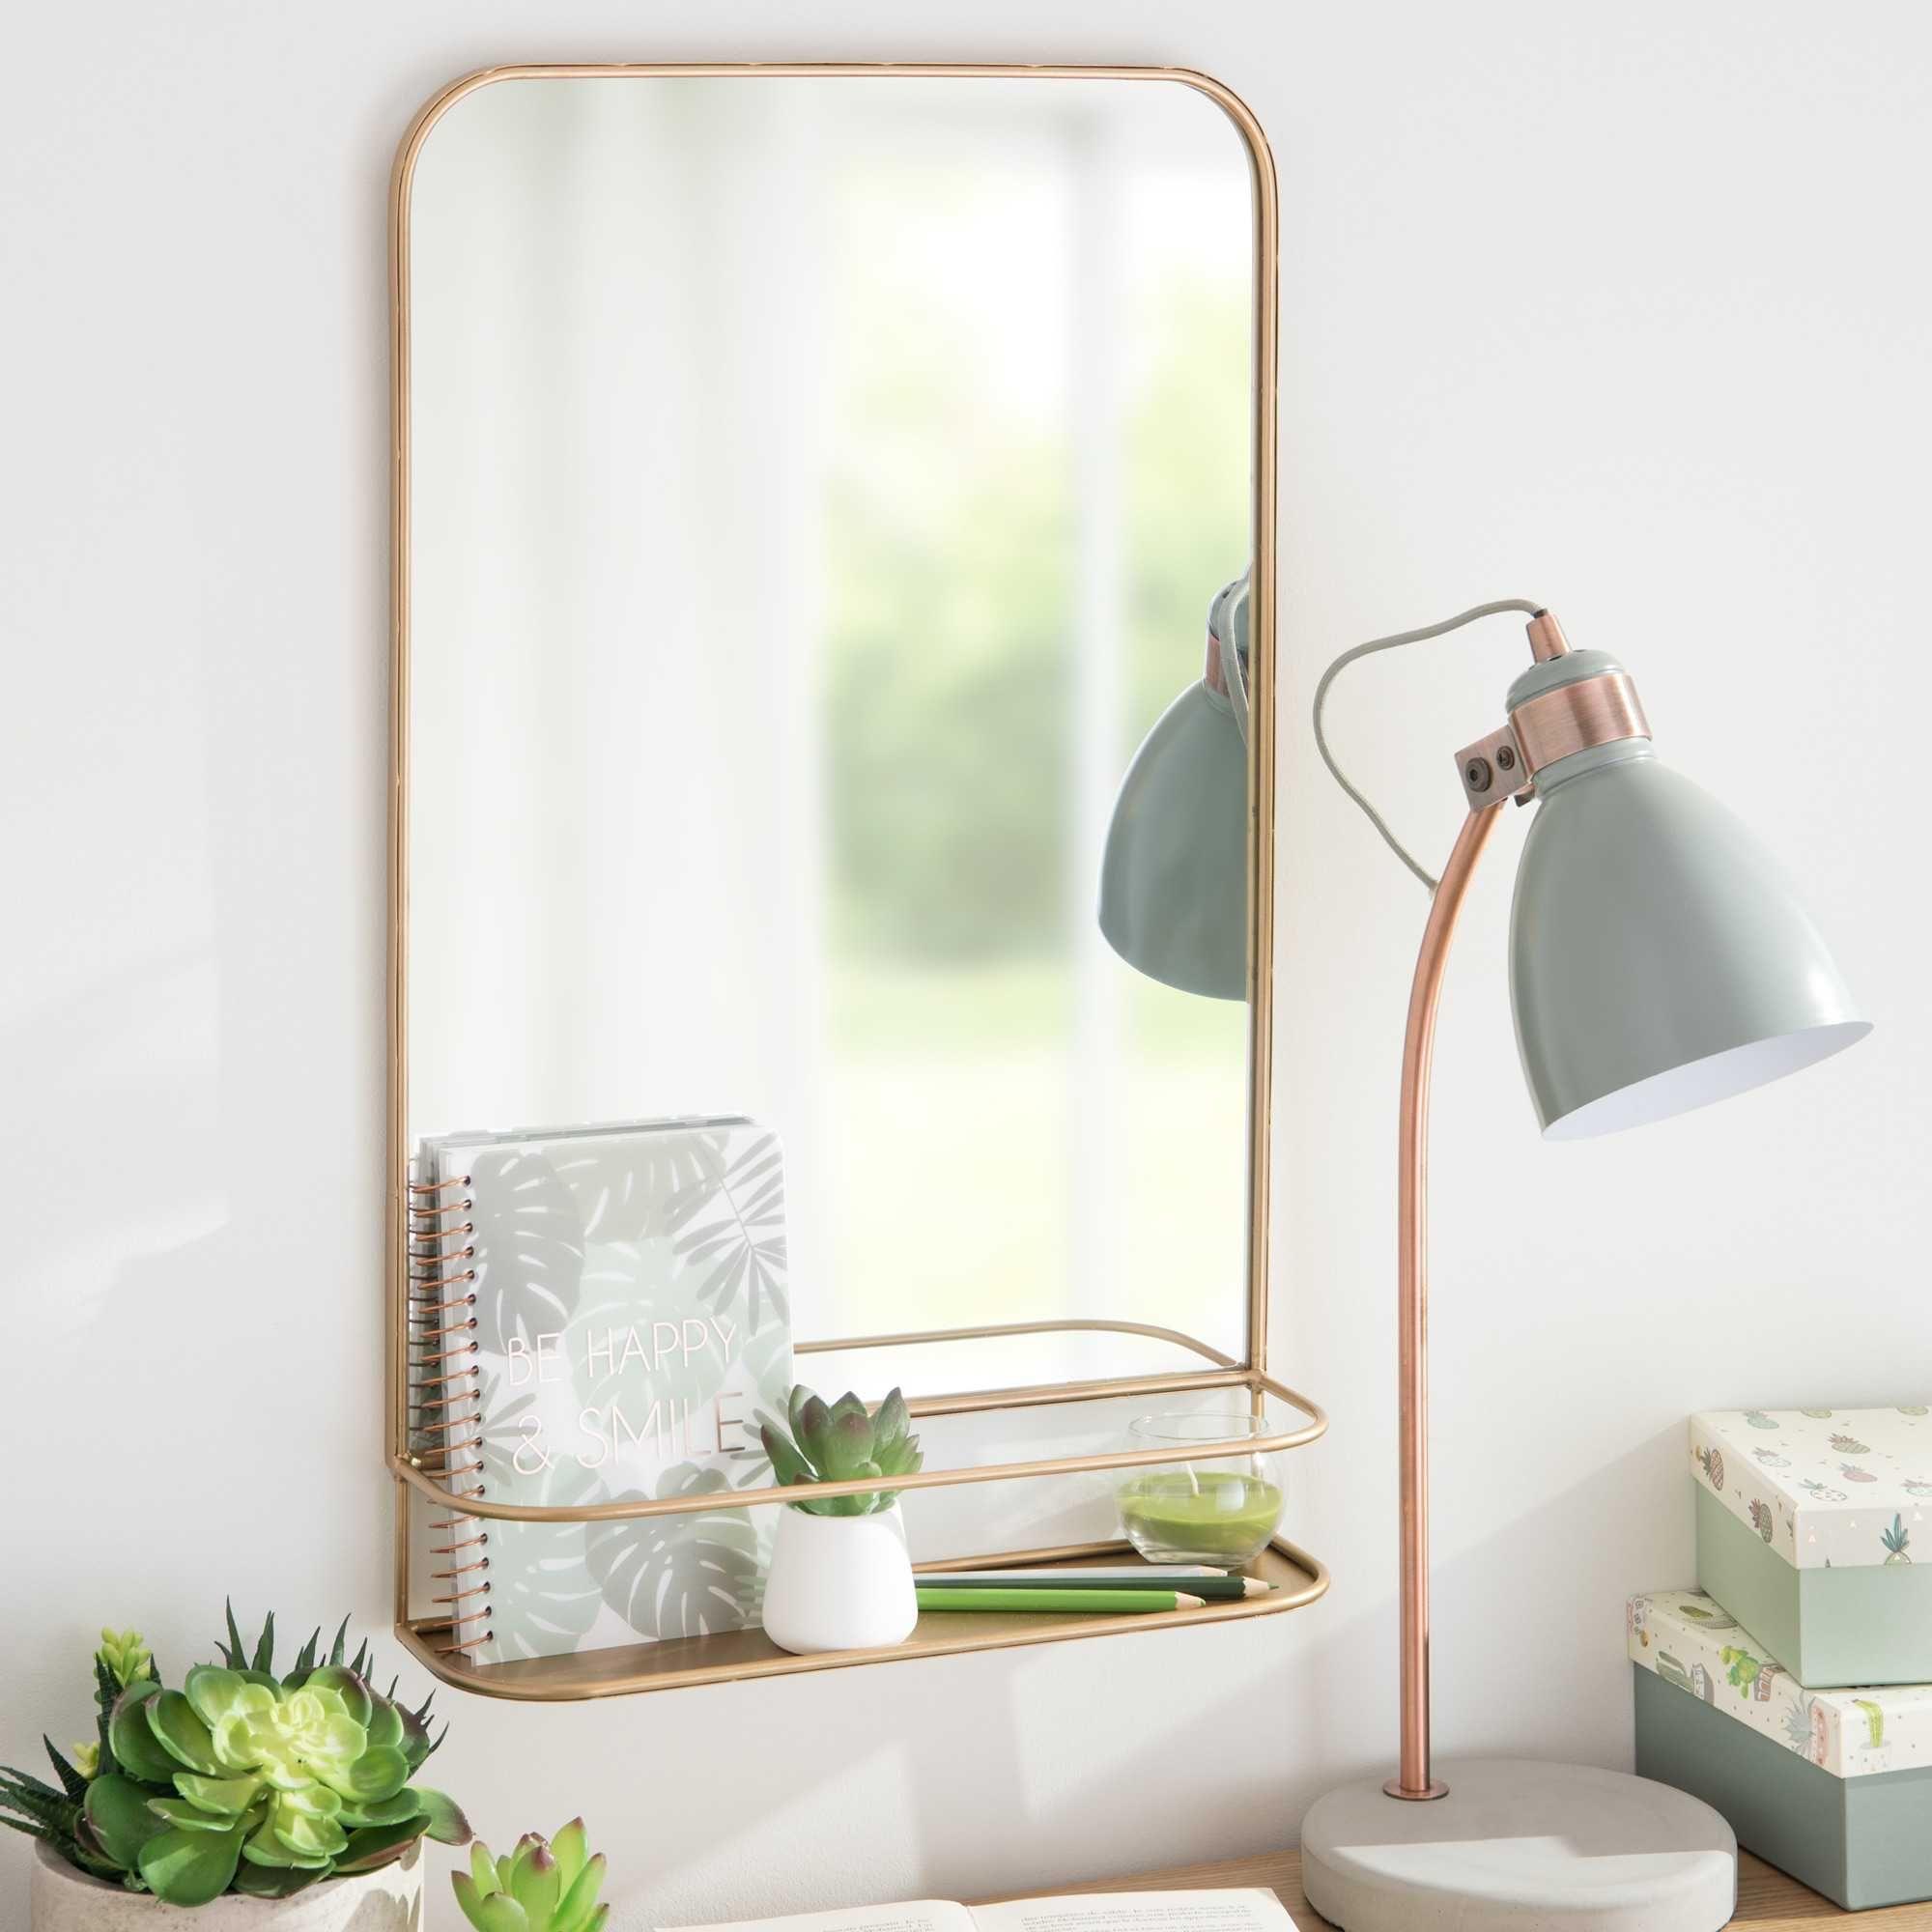 wandspiegel mit regal aus goldfarbenem metall 35x57cm durango wohnw nsche pinterest. Black Bedroom Furniture Sets. Home Design Ideas